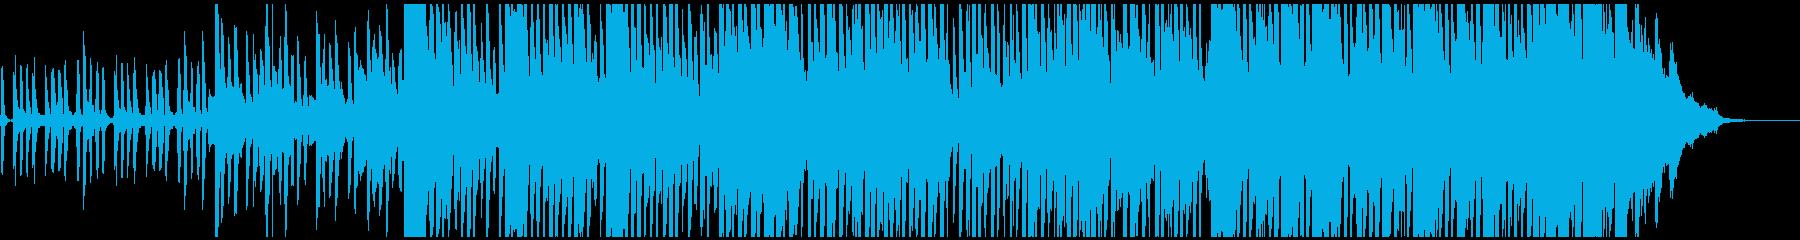 遊び心を持ち合わせた上品なピアノレトロの再生済みの波形